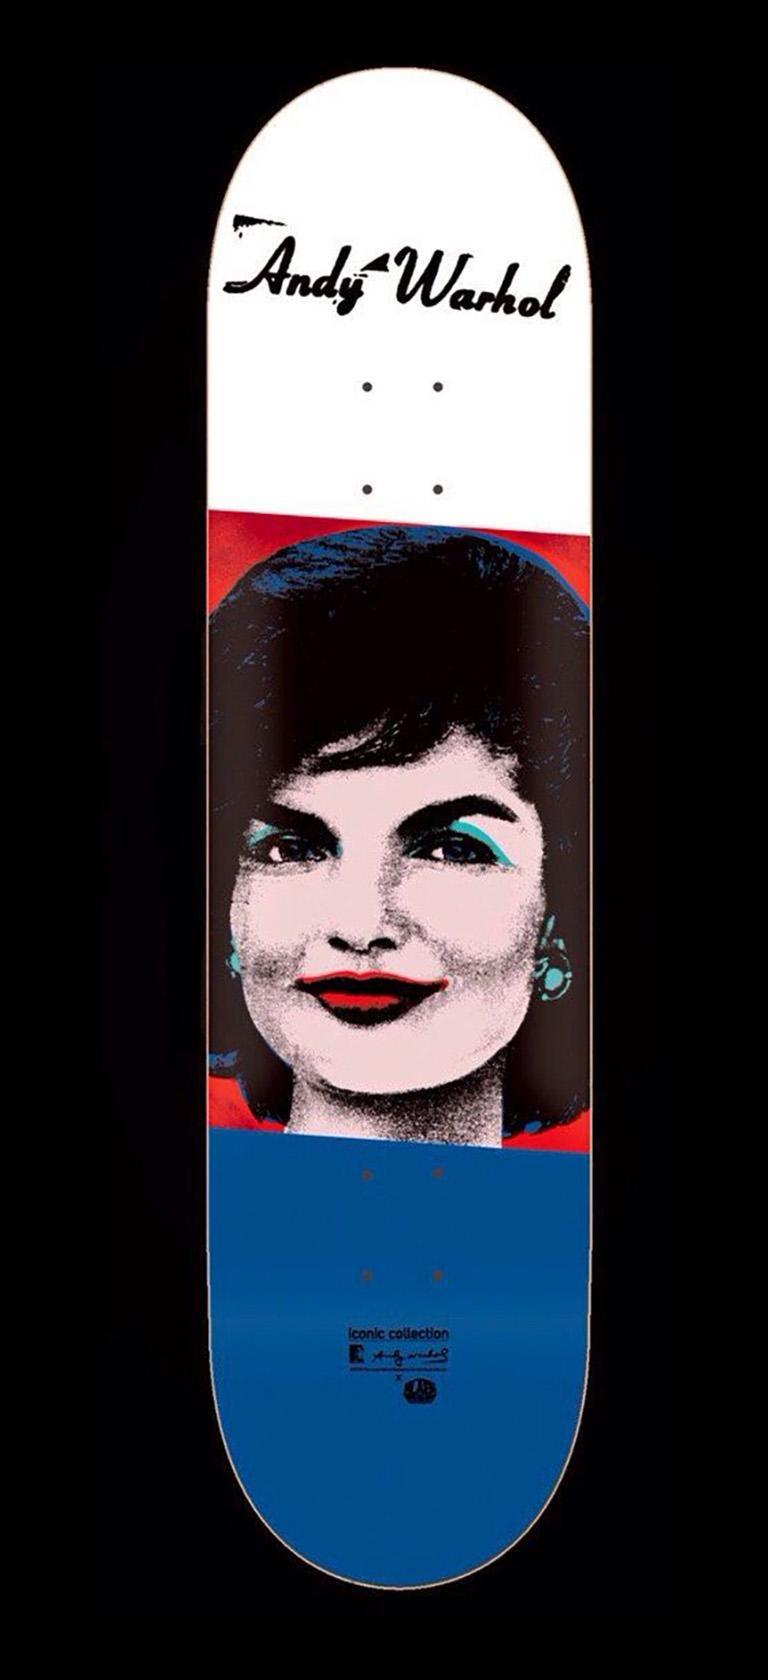 Andy Warhol skateboard deck (Warhol Jackie skate deck)